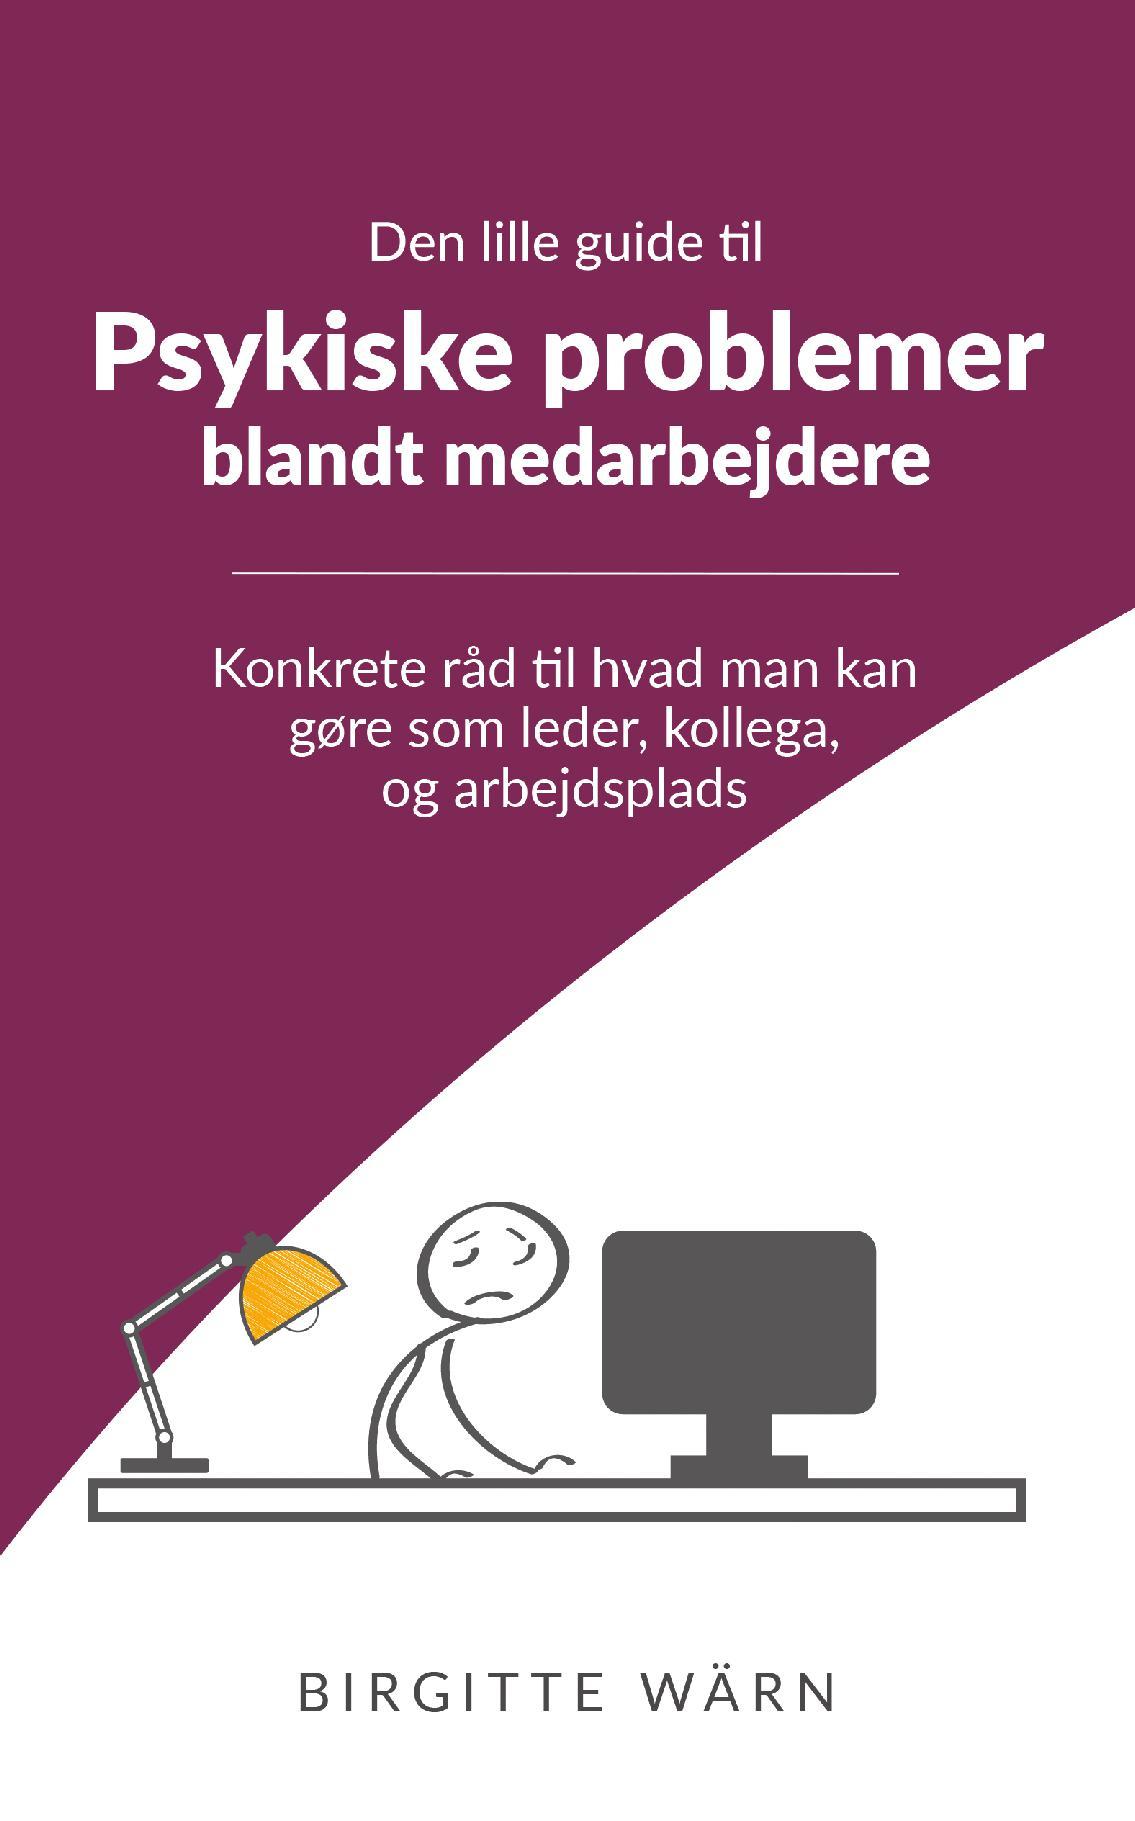 Den lille guide til psykiske problemer blandt medarbejderne - Birgitte Wärn - Bøger - Wärn Kompetenceudvikling - 9788740962857 - 20/11-2020